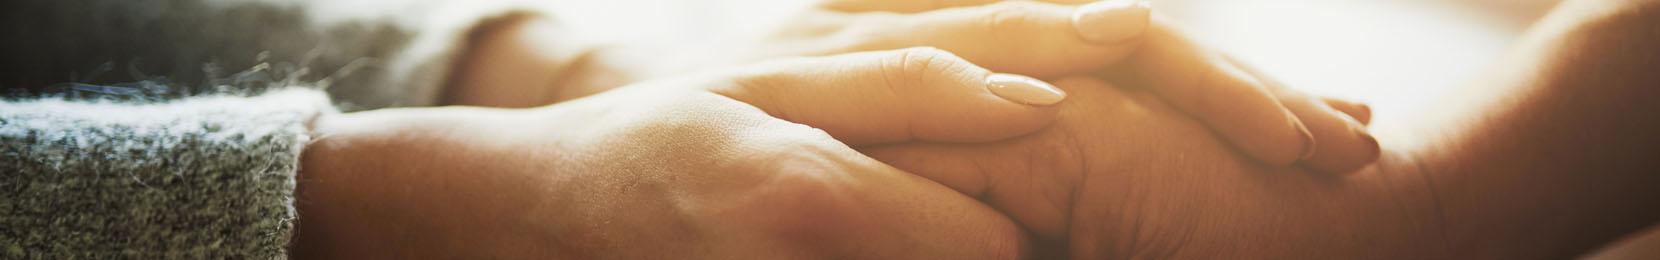 mains serrées bienveillance